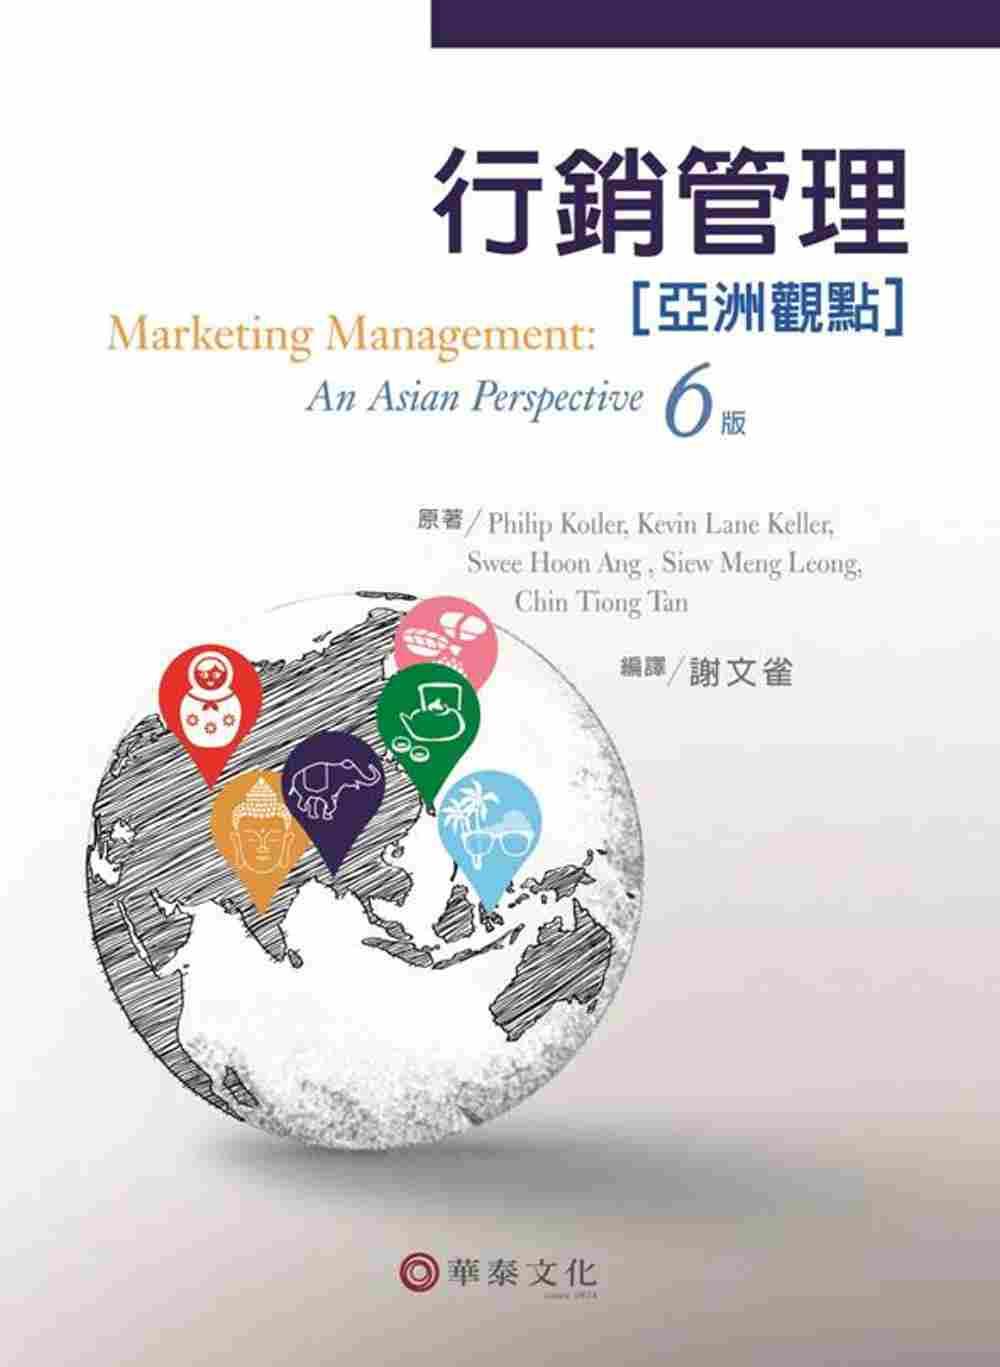 行銷管理:亞洲觀點  Kotler  Marketing Management An As